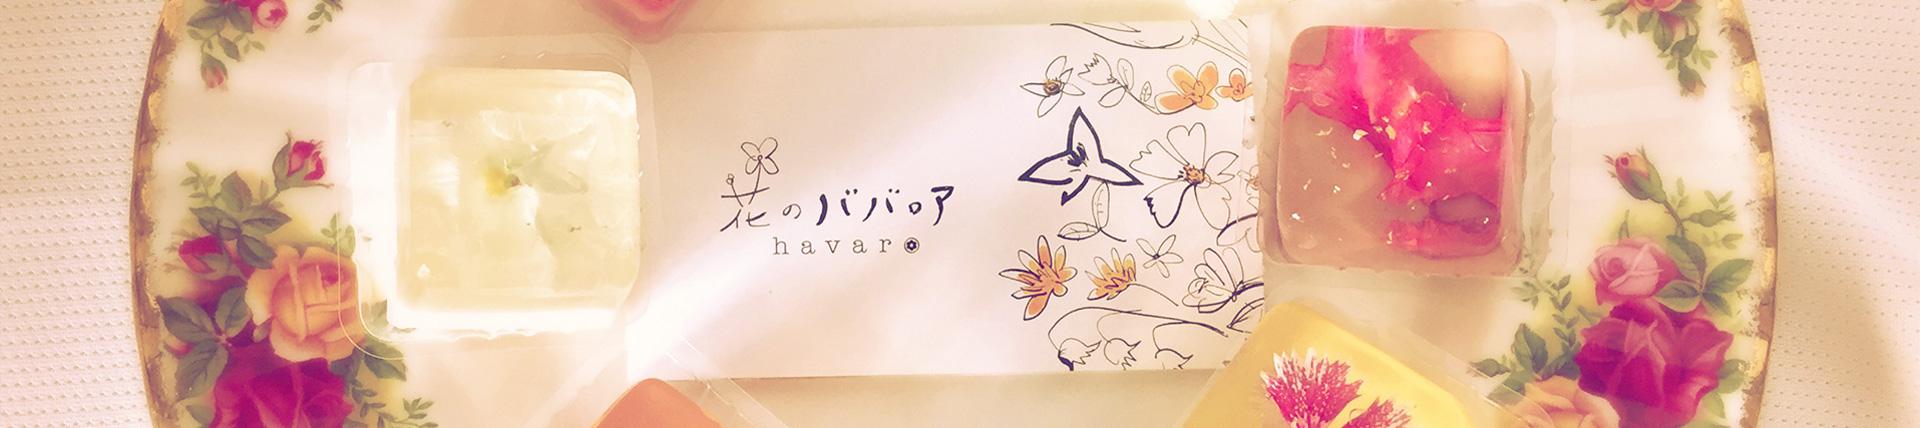 花のババロア havaro